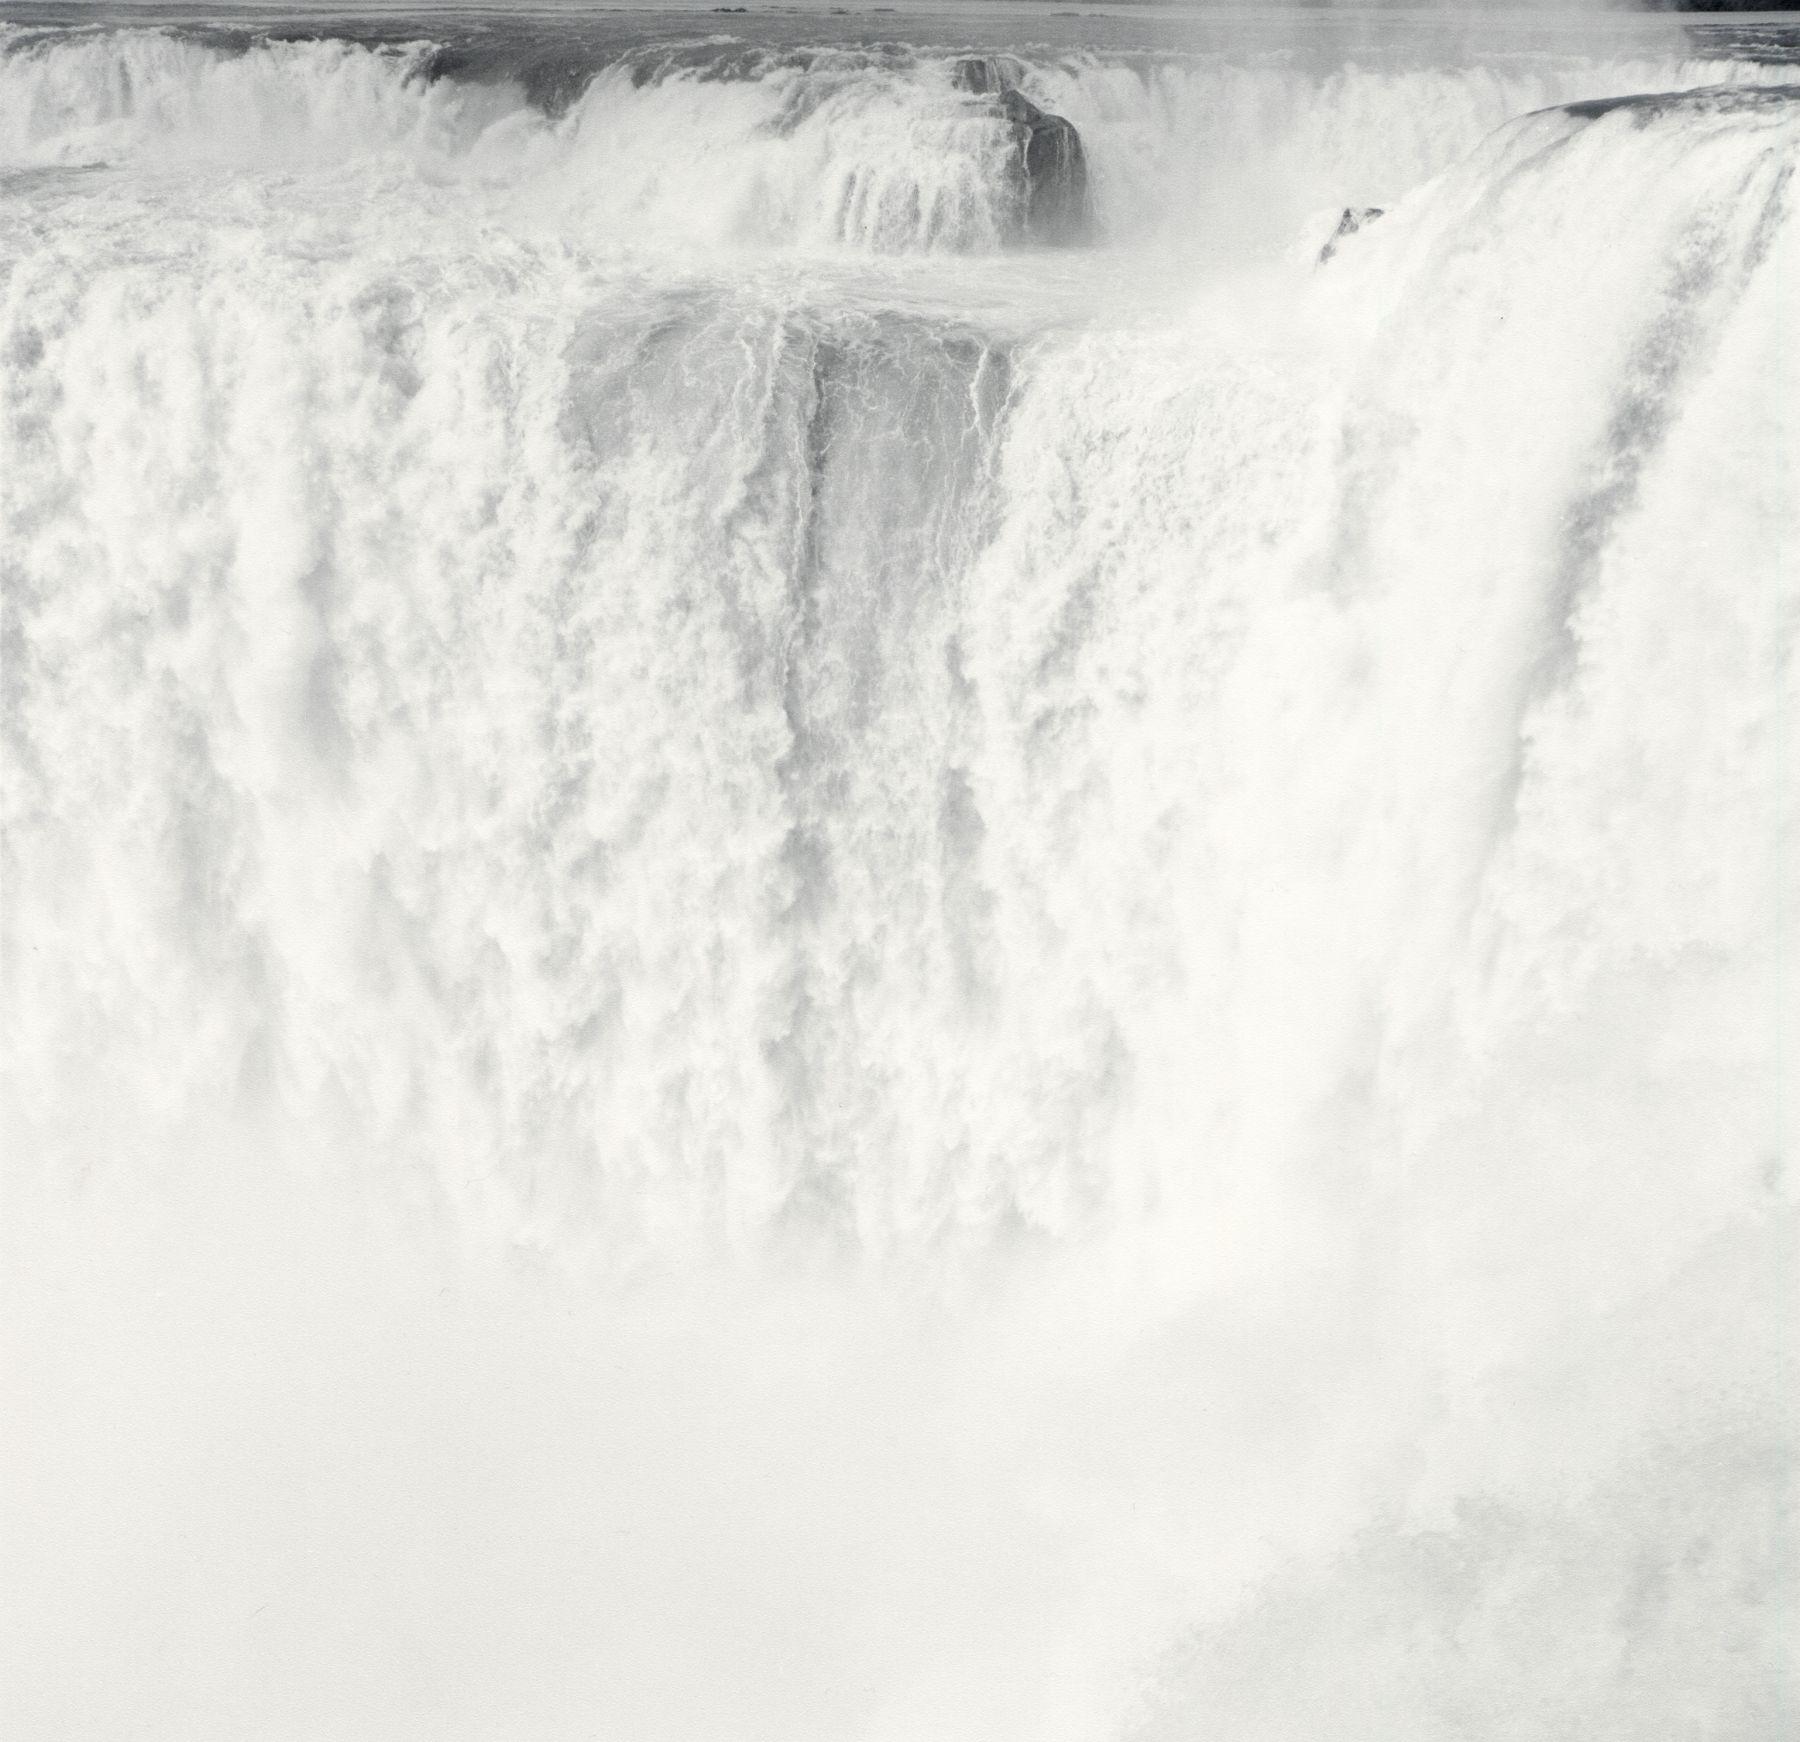 Lynn Davis, [Brazil Project #03] Iguazu Falls, Argentina, 2008